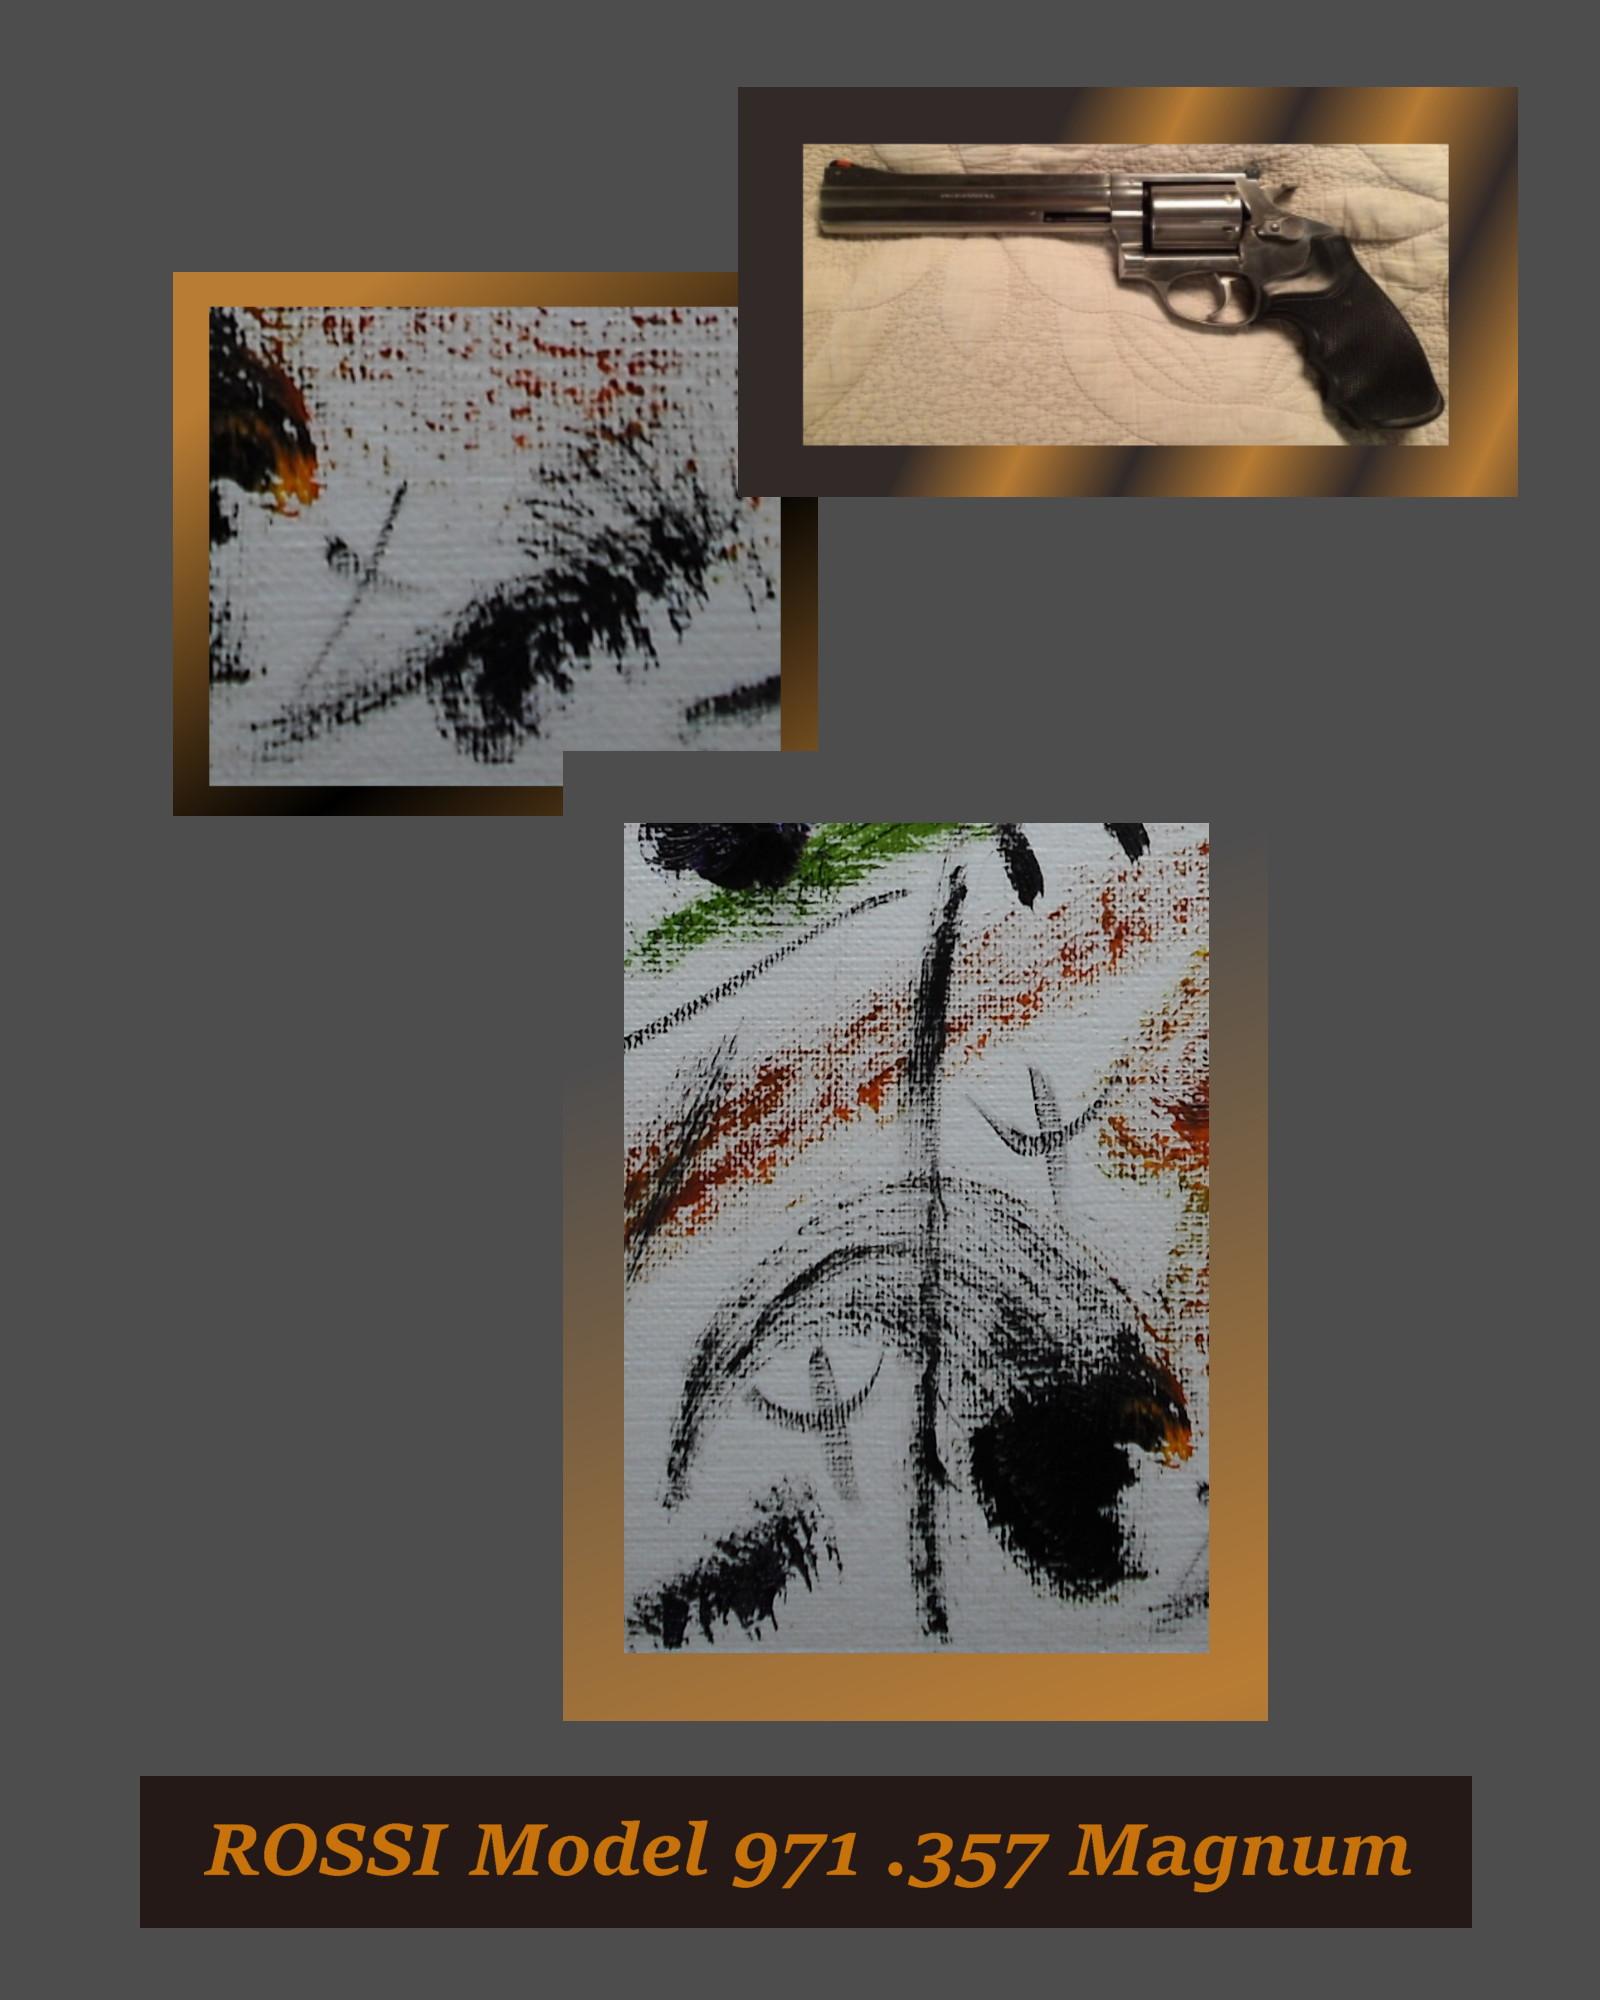 Rossi 357 Magnum page 2